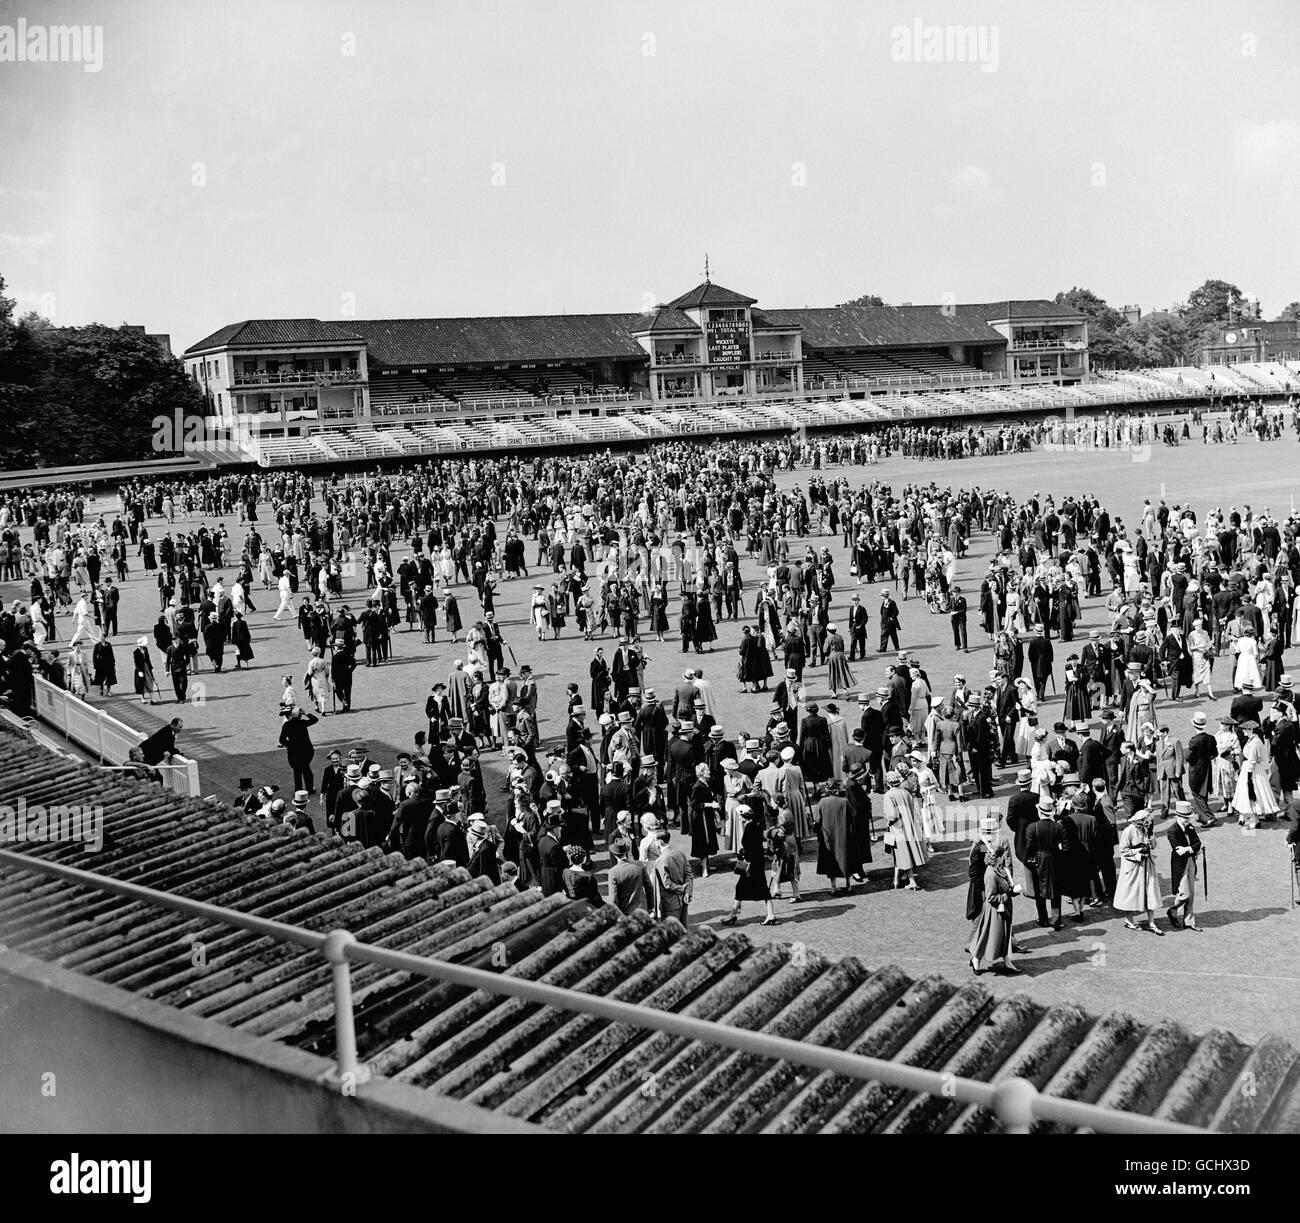 Cricket - Eton v Harrow - terrain de cricket de Lord. Spectateurs sur le terrain. Banque D'Images